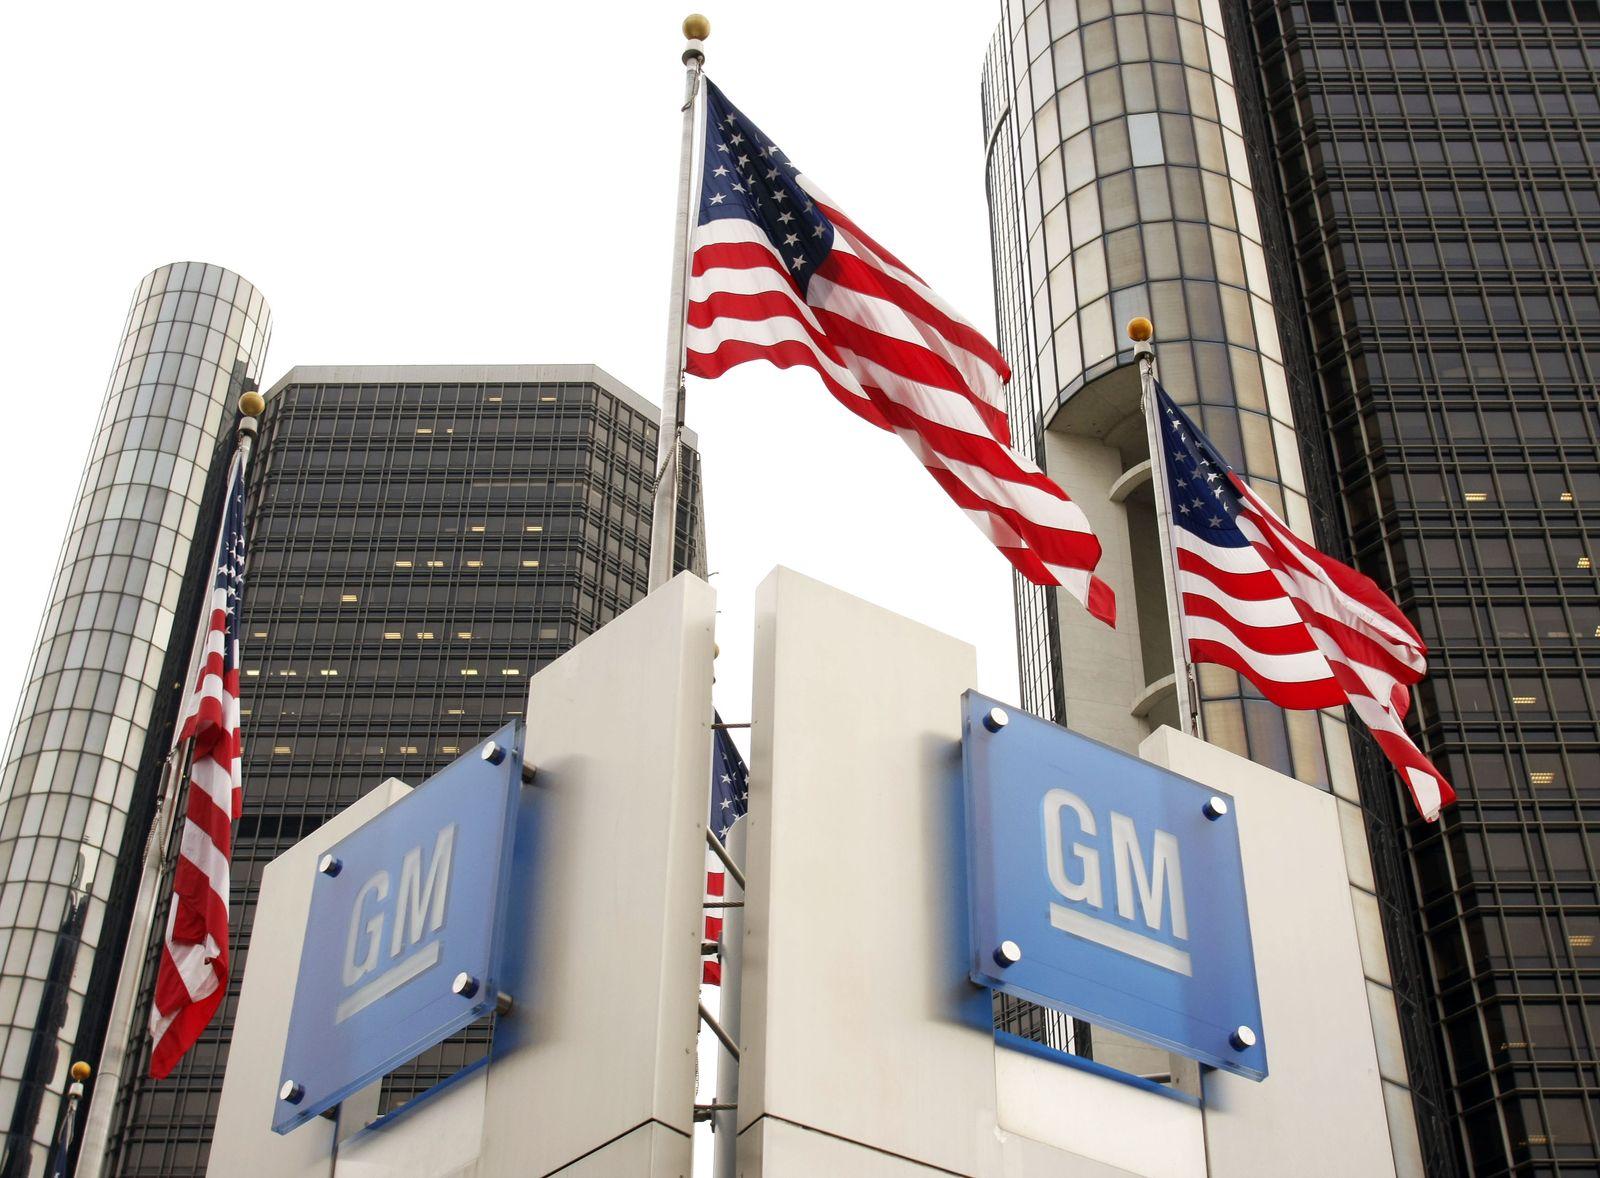 GM /General Motors/